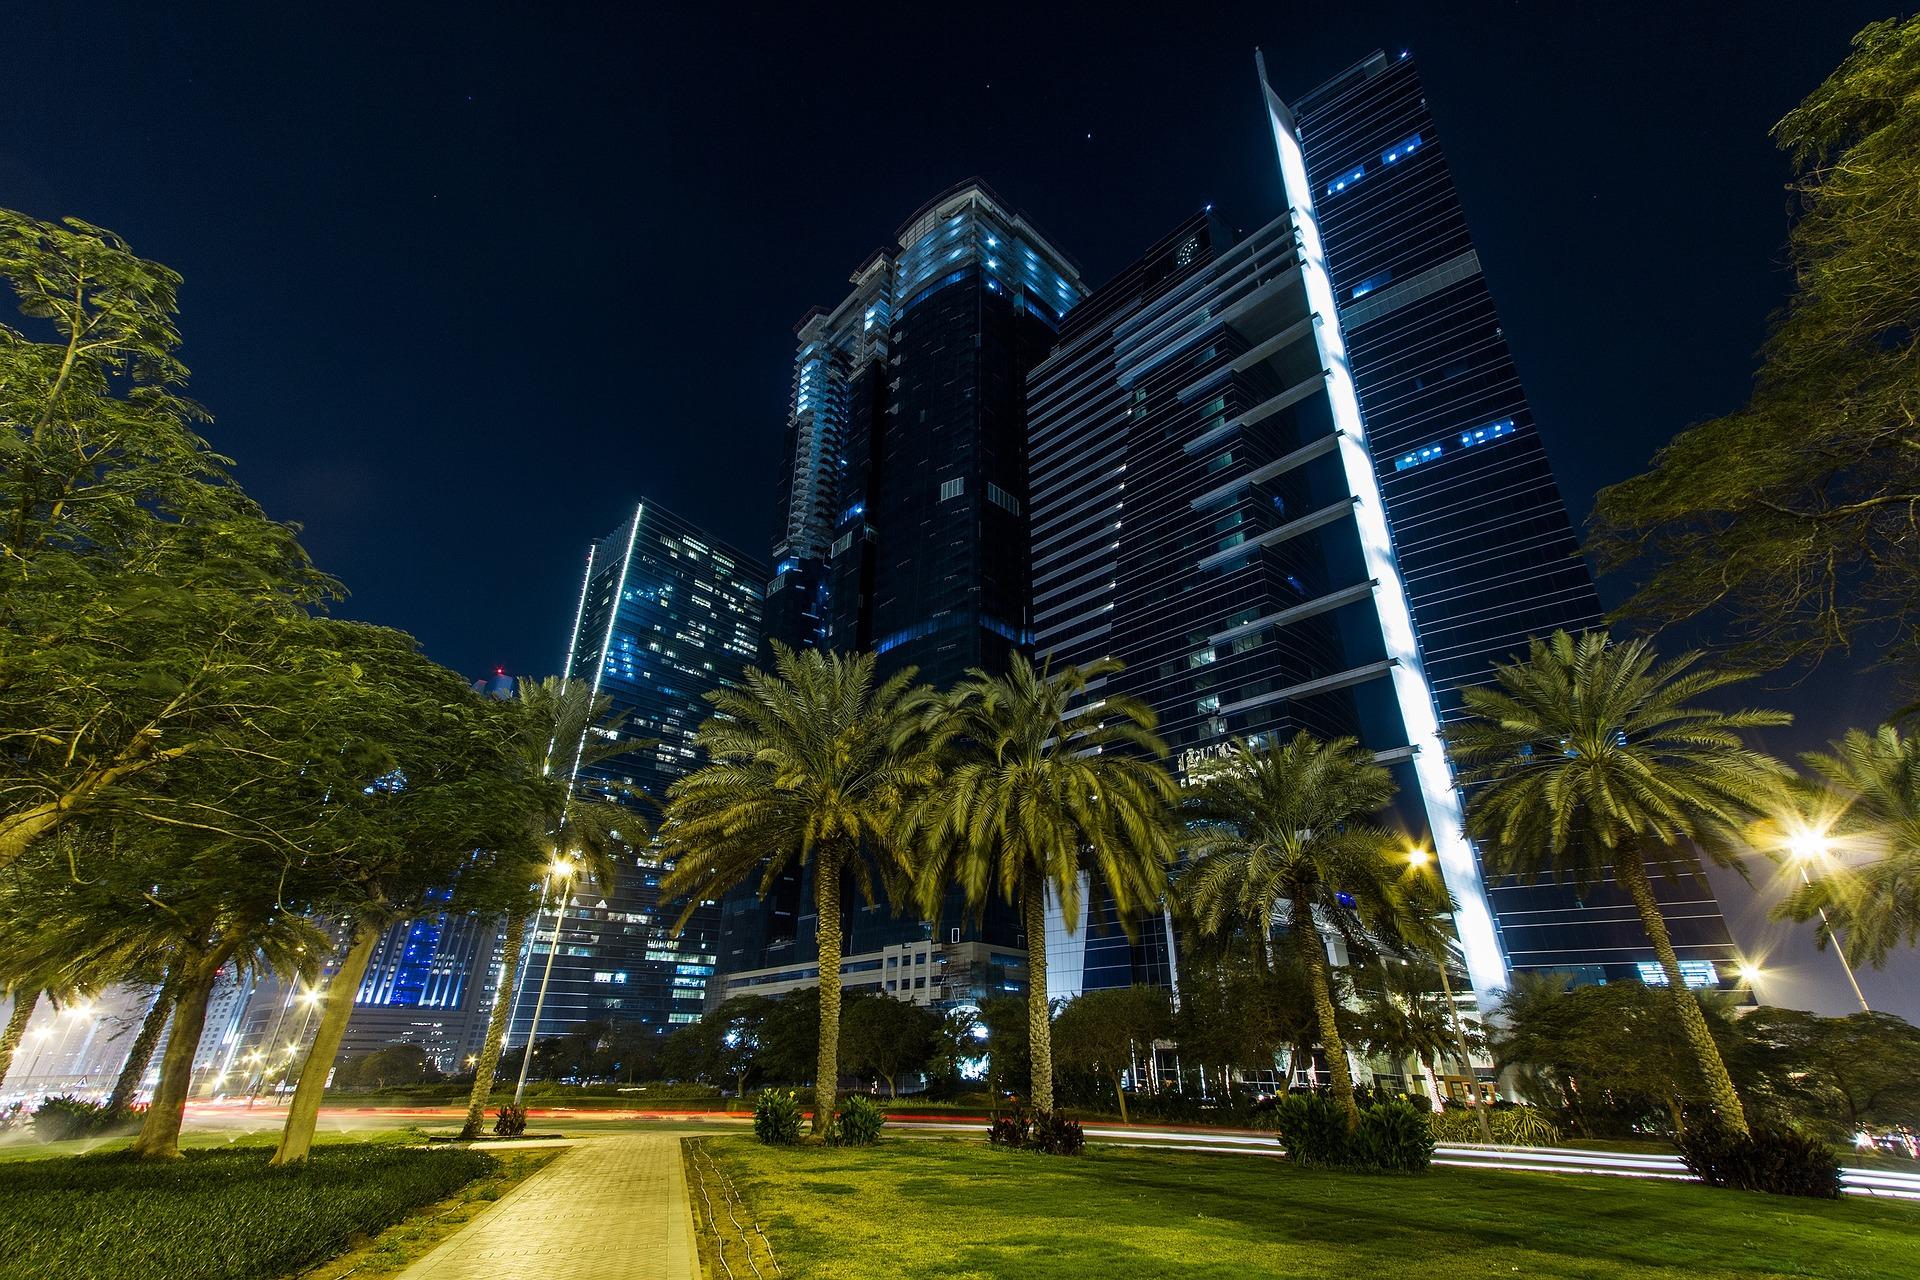 Kelionė į Dubajų: kalba, religija, tradicijos, pigūs skrydžiai